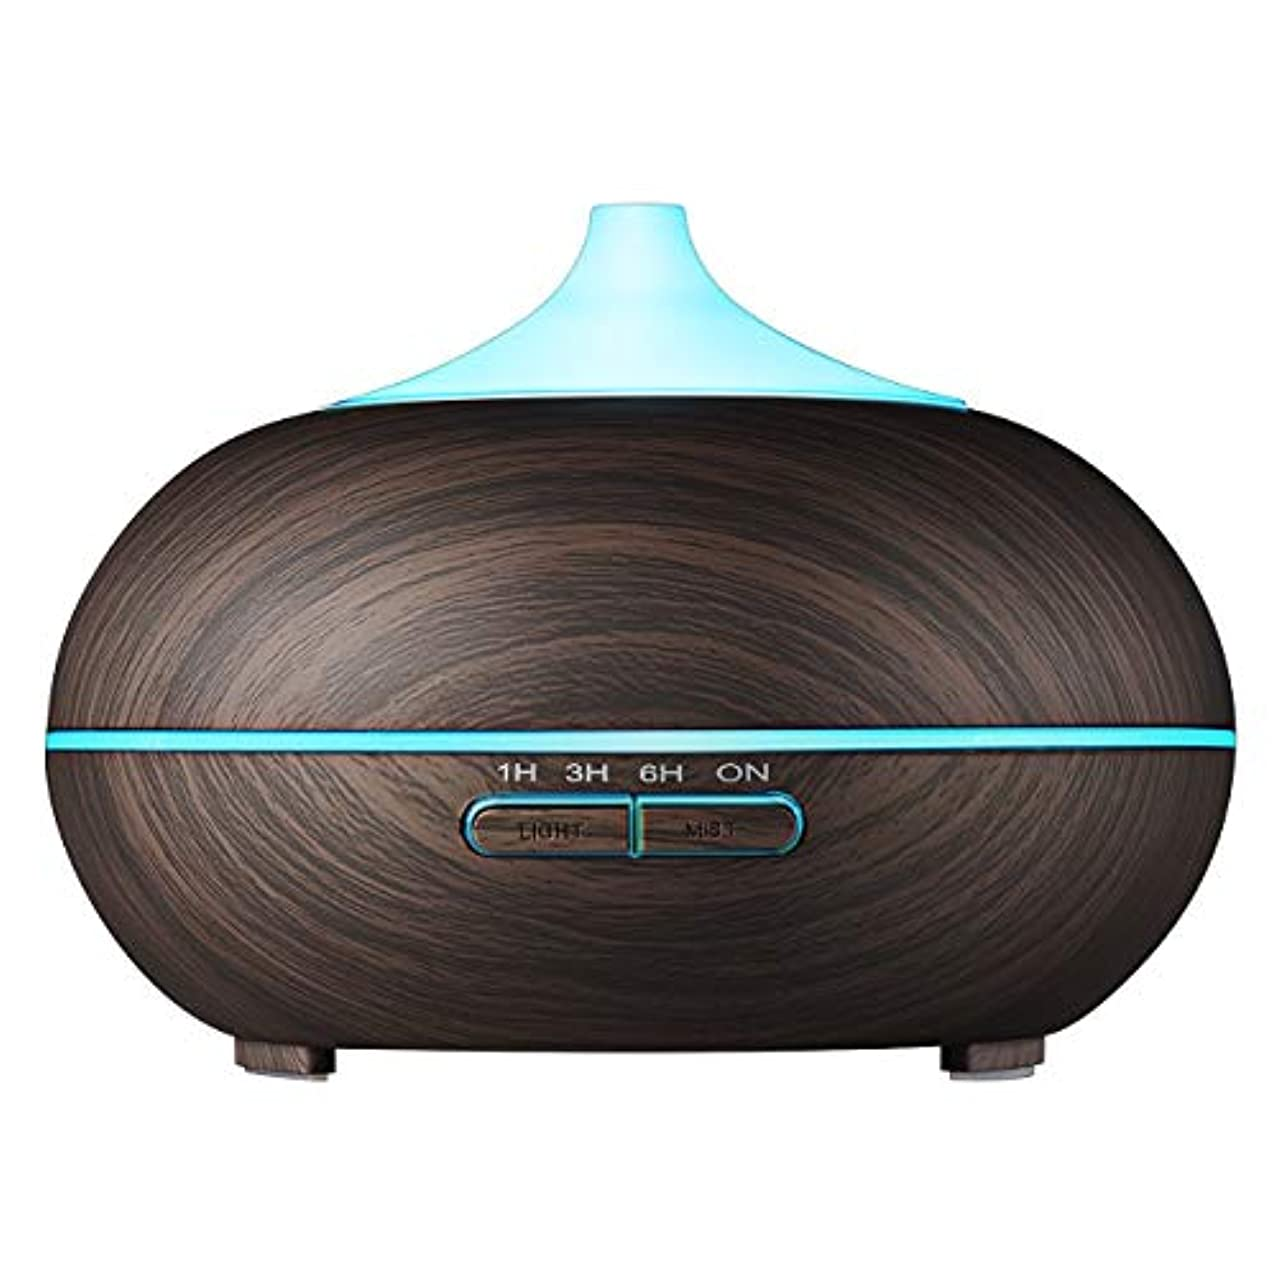 先メリーかもしれないVicTsing 300 ml Aromatherapy Essential Oil Diffuser、超音波クールなミスト加湿器with 14 – カラーLEDライト、木目デザイン